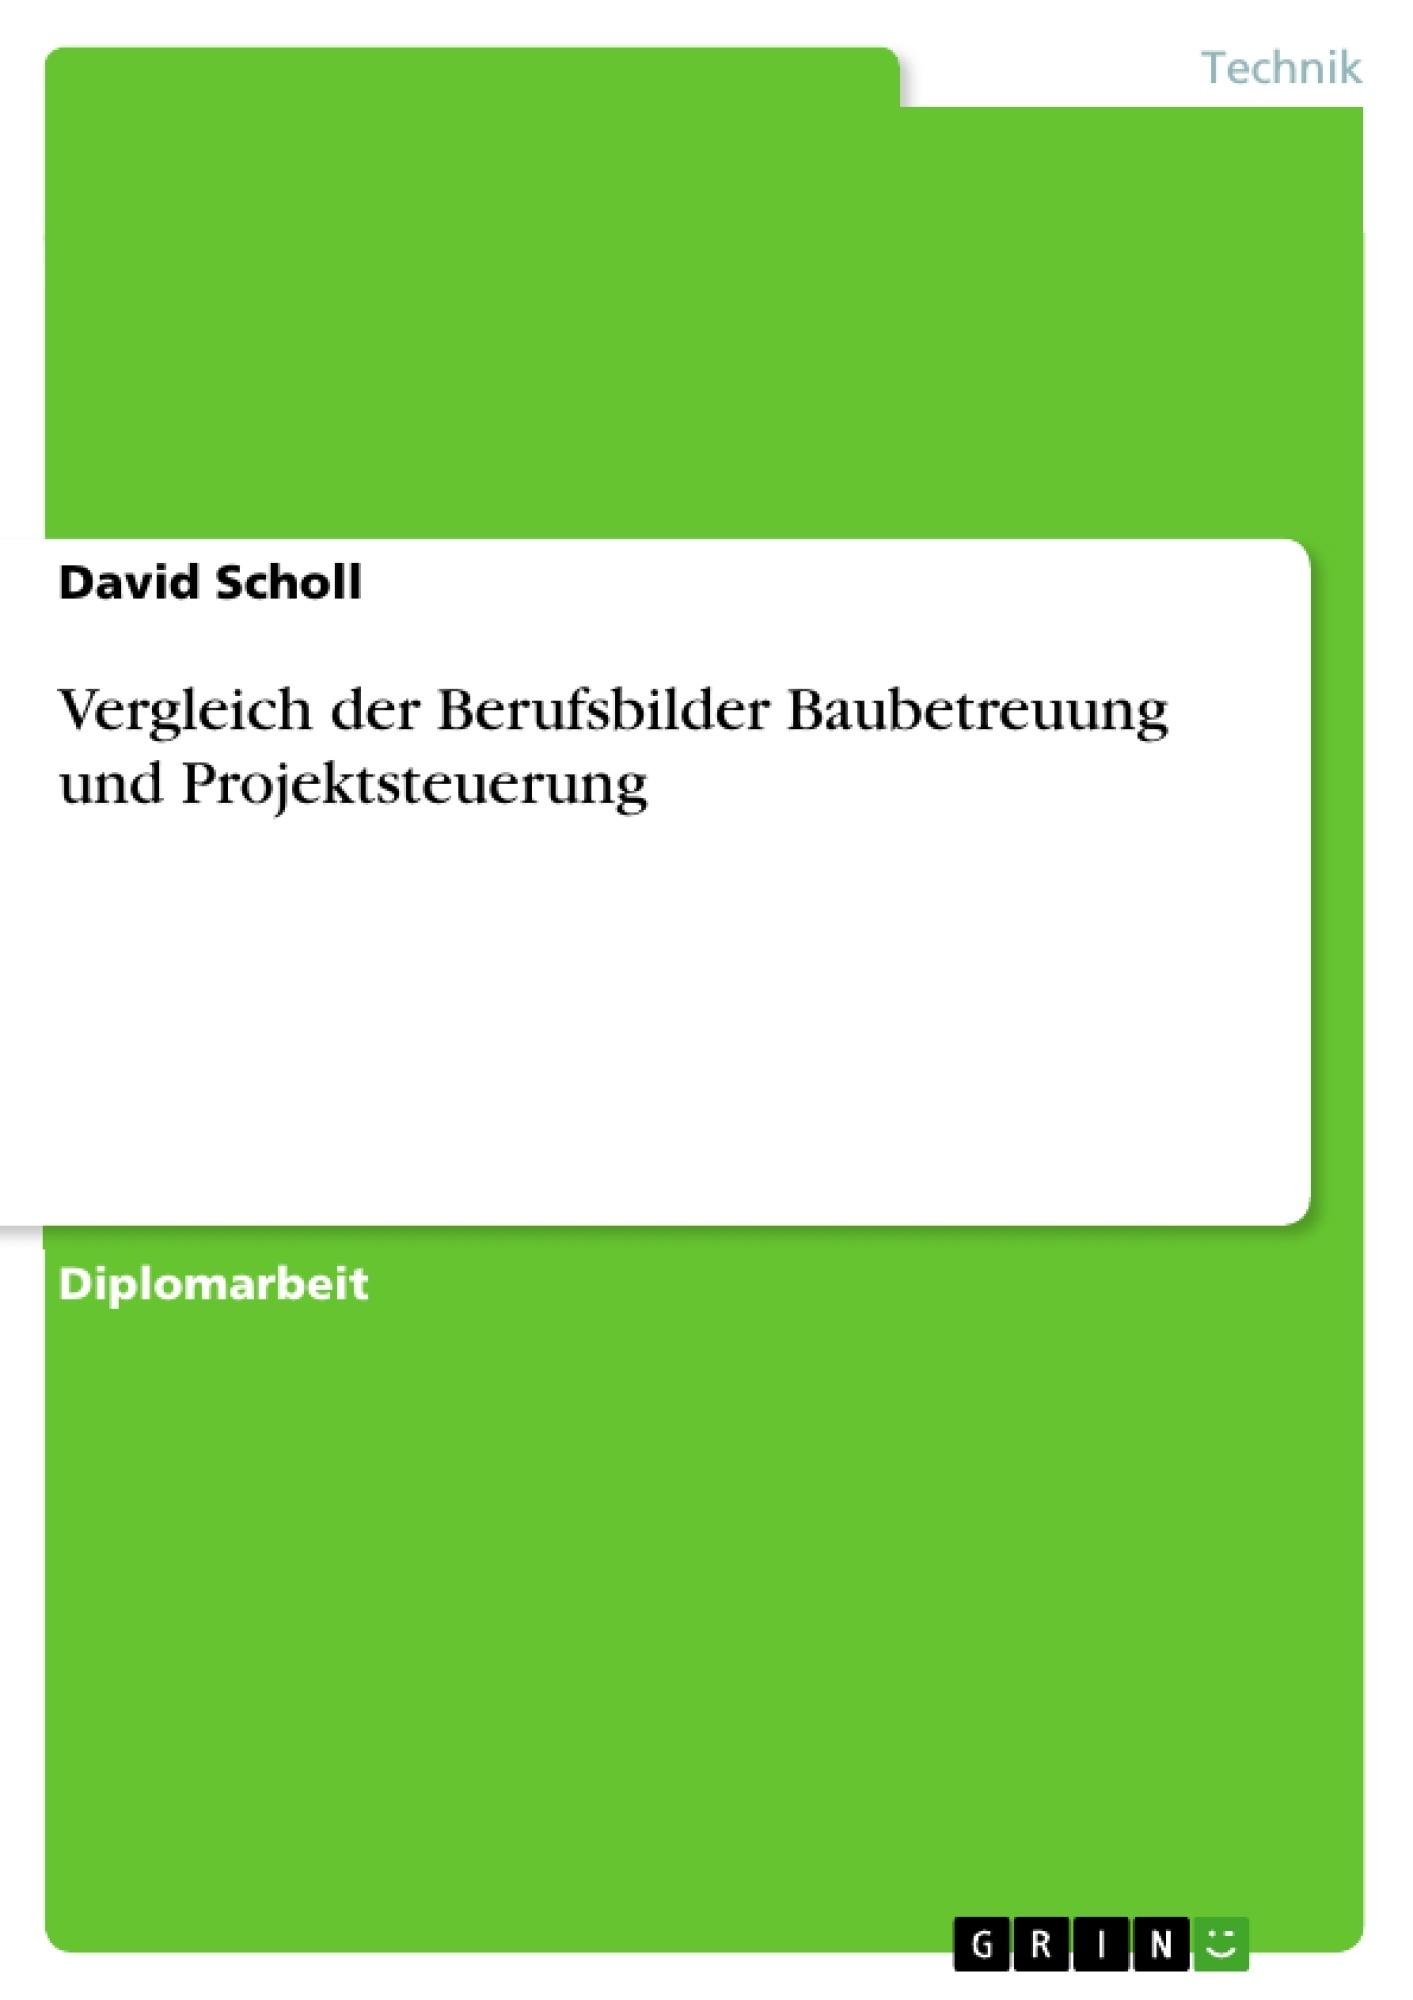 Titel: Vergleich der Berufsbilder Baubetreuung und Projektsteuerung